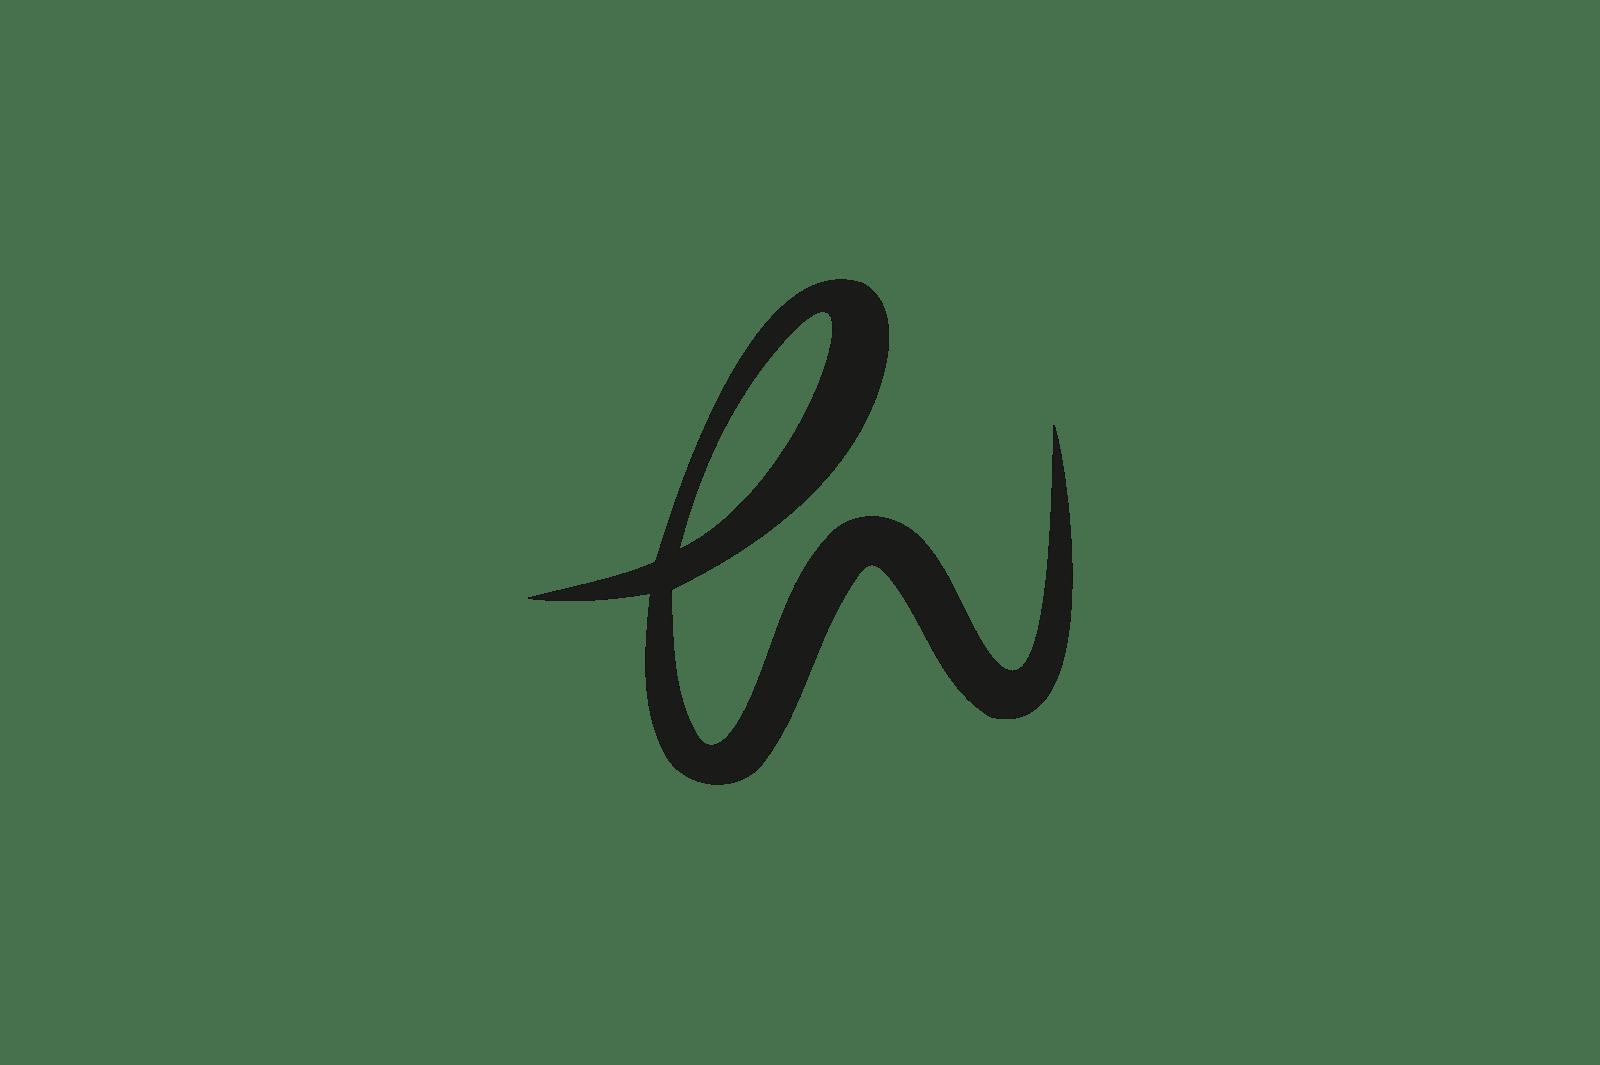 筆記体の「h」